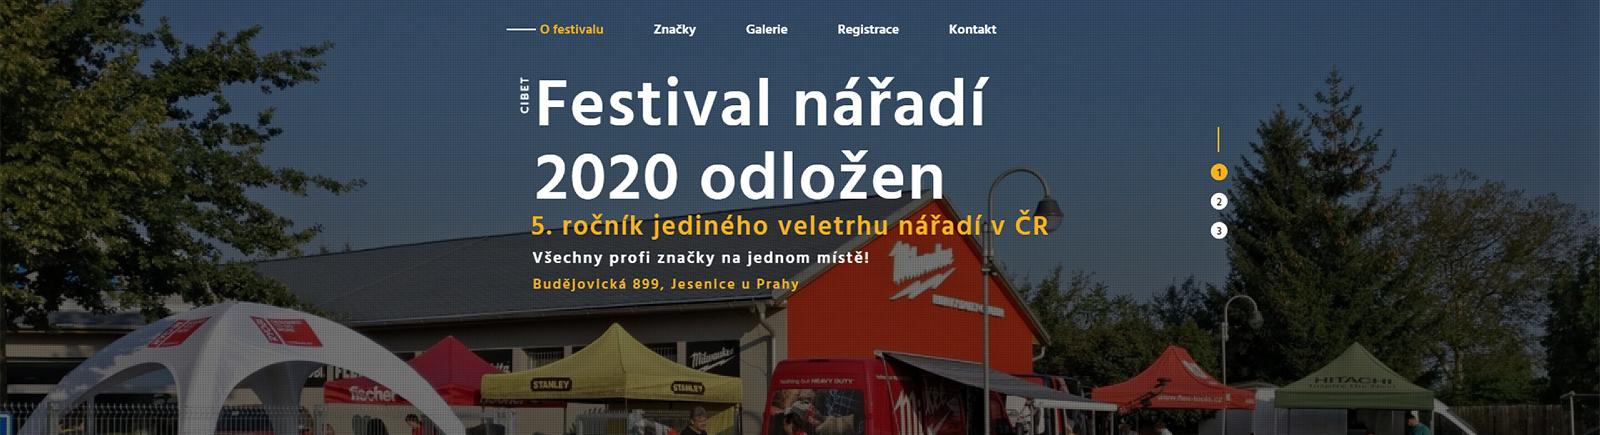 Festival nářadí